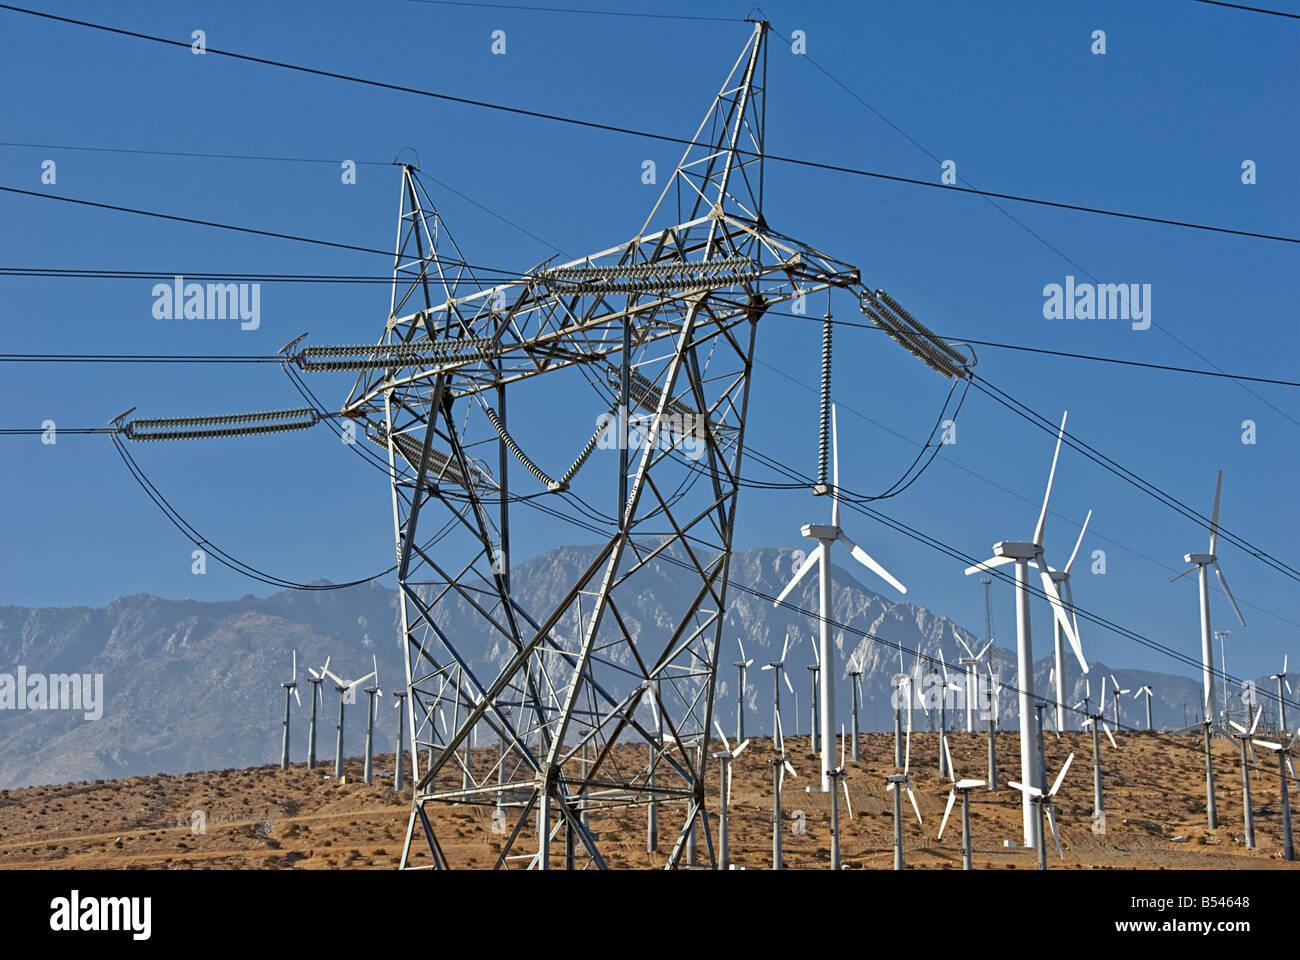 Windkraftanlagen Sie Turbine Feld Bauernhof North Palm Springs CA San Gorgonio Pass kleine Green Power Strom Coachella Stockbild